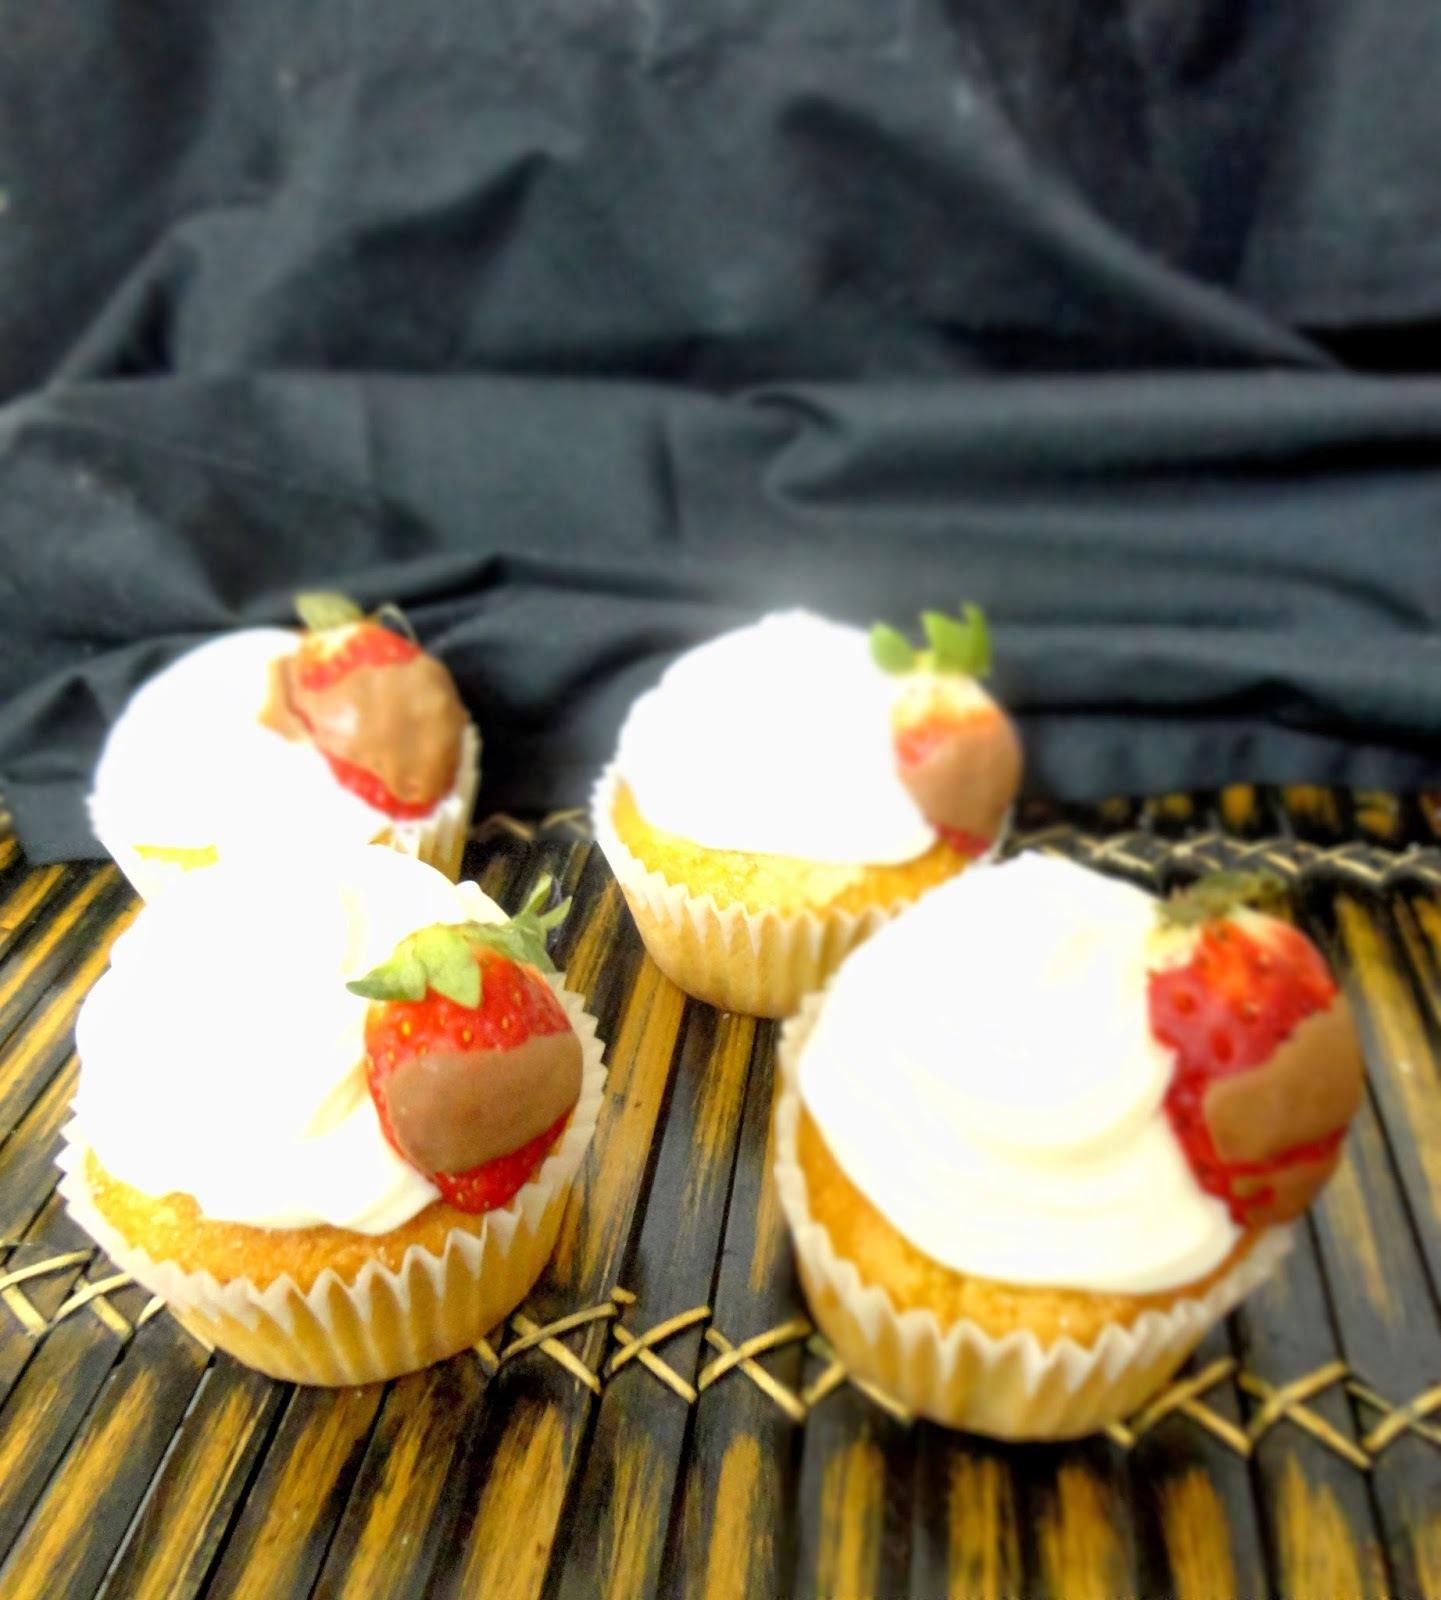 cupcakes rellenos de queso crema